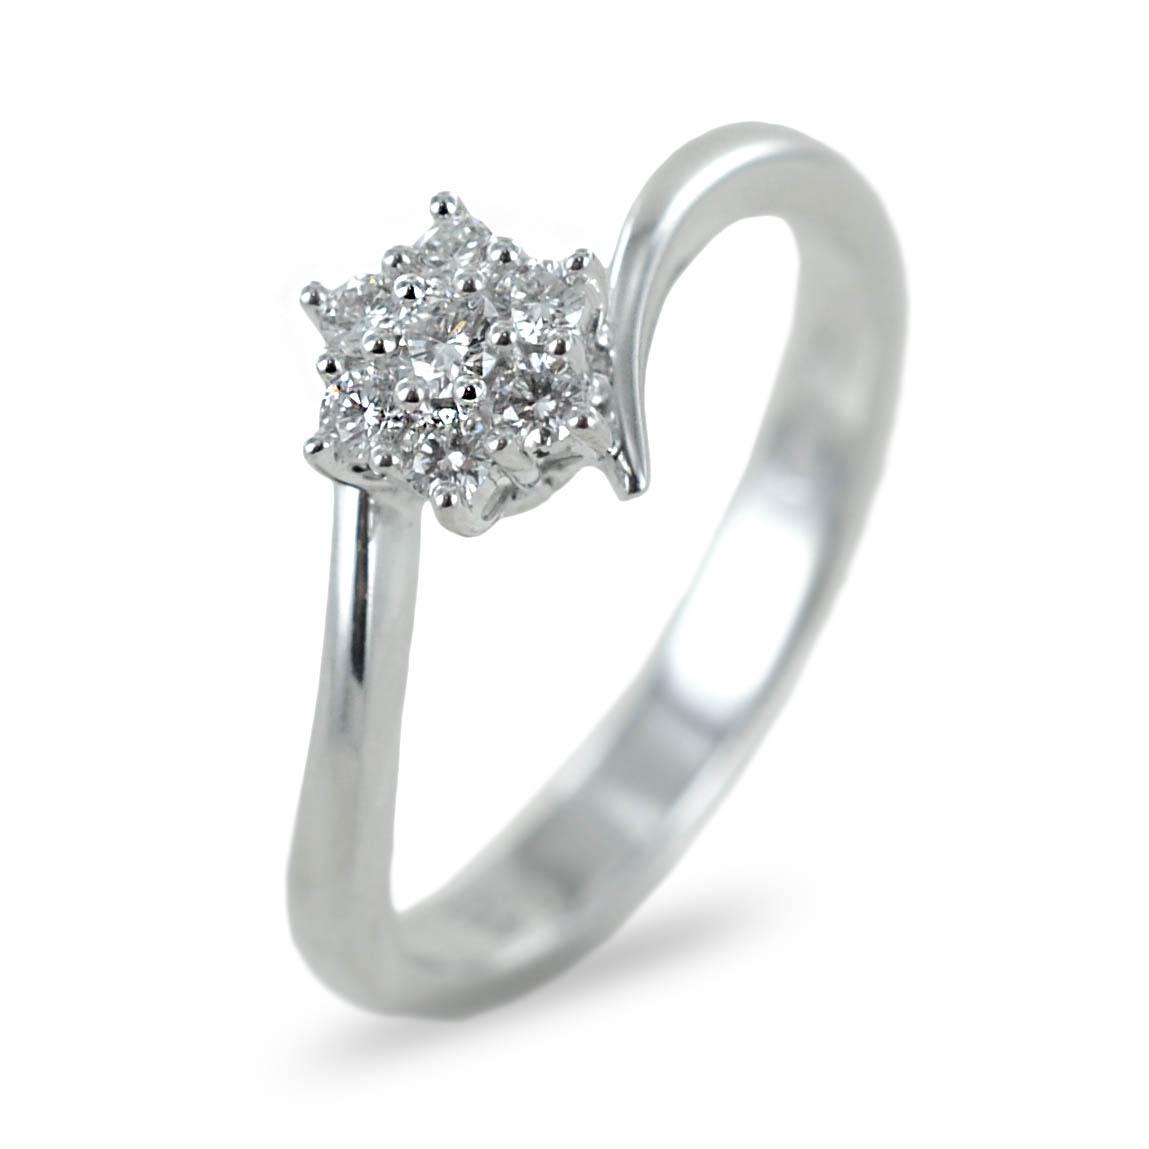 Anello Stella con Diamanti per carati 0.19 G Gioielli Valenza